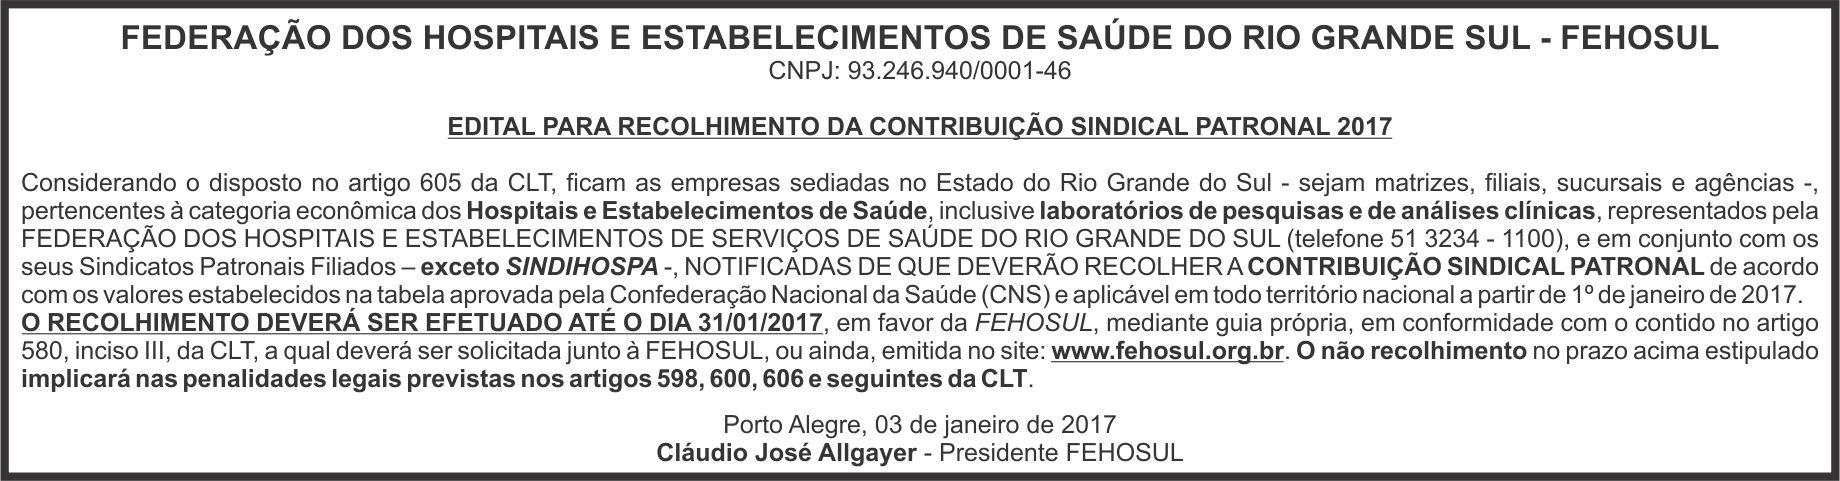 01_03_2017_edital_recolhimento_contribuição_Jornal_Comercio